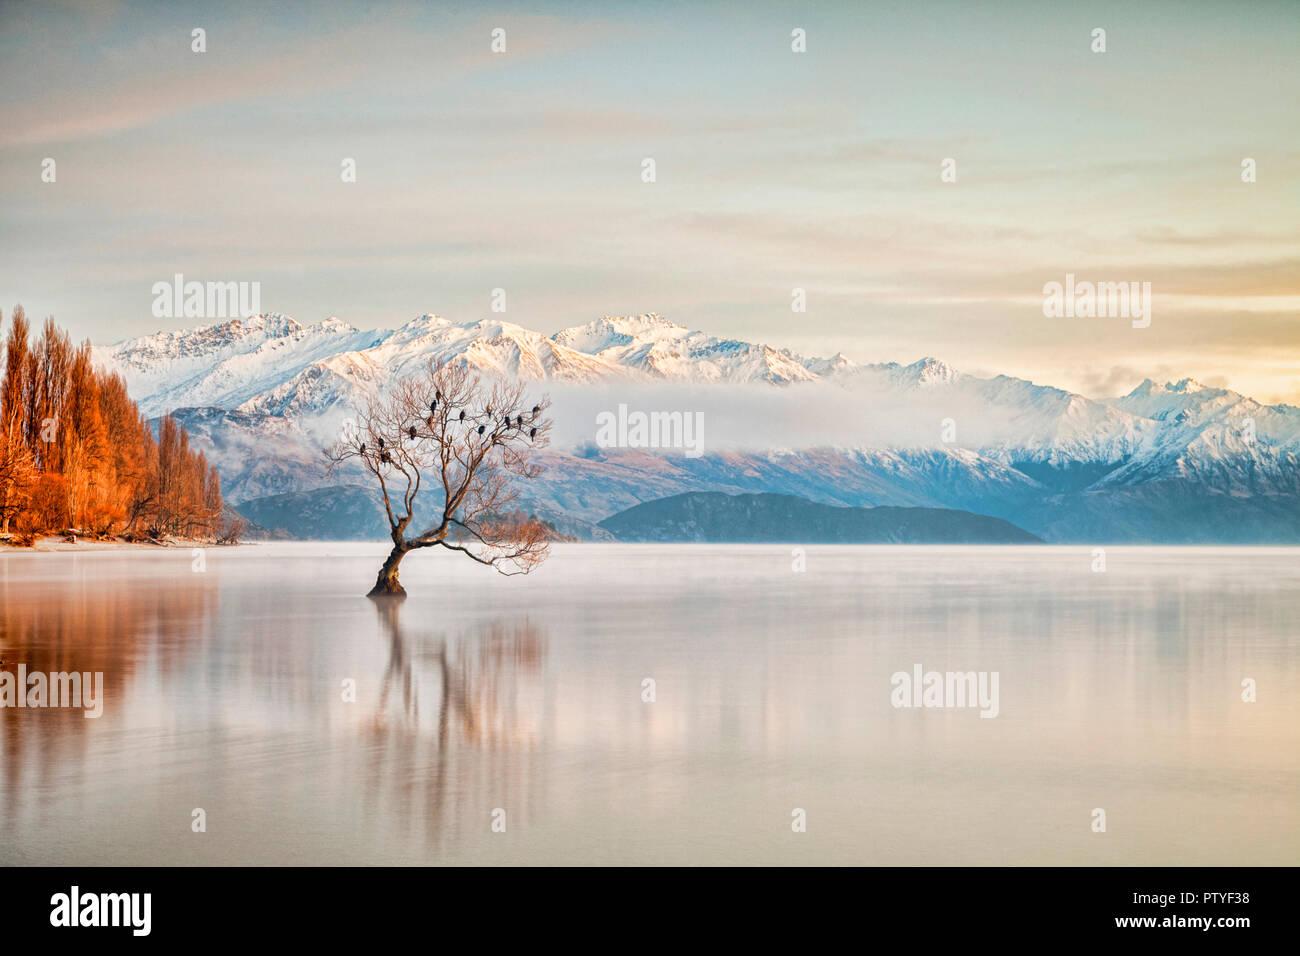 En invierno el Lago Wanaka, Otago, Nueva Zelanda, mientras que las aves se posan en el árbol único y la bruma elevándose desde el agua. Imagen De Stock